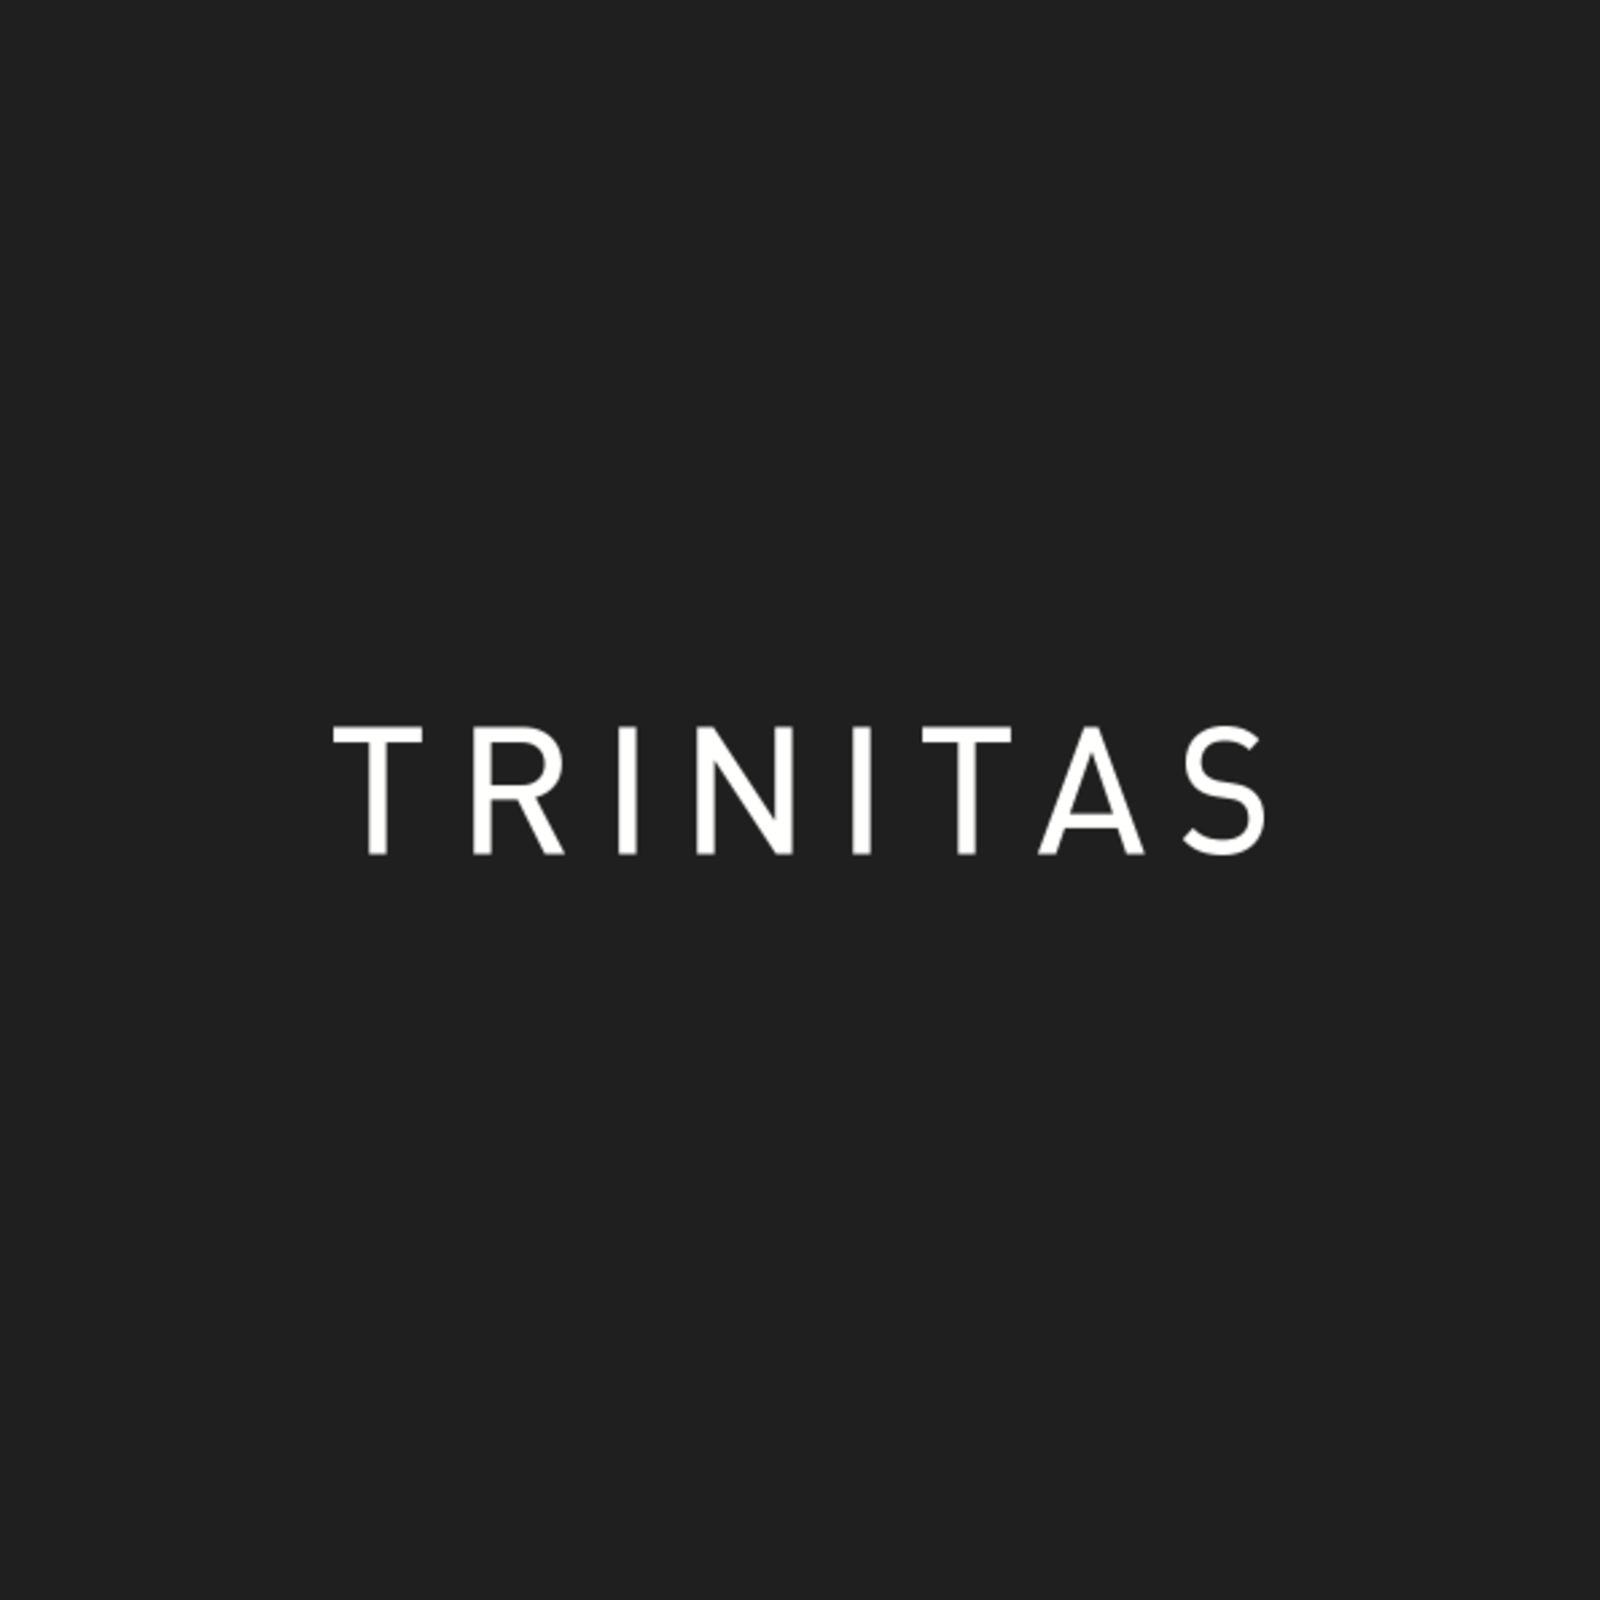 TRINITAS (Bild 1)